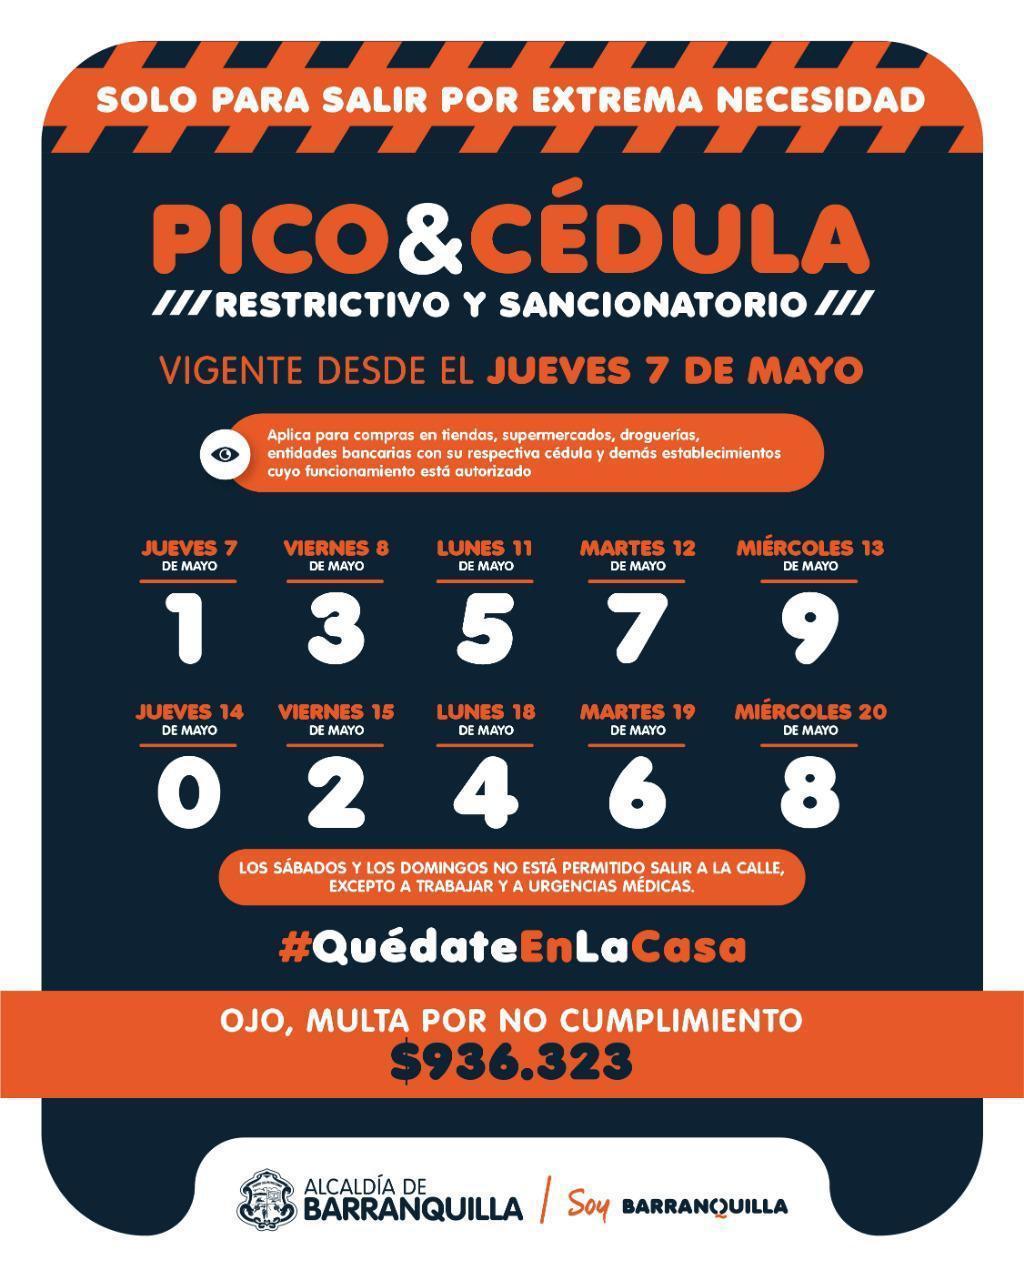 Coronavirus en Colombia: resumen de las noticias, contagios y muertos de Covid-19 del 7 de mayo 8